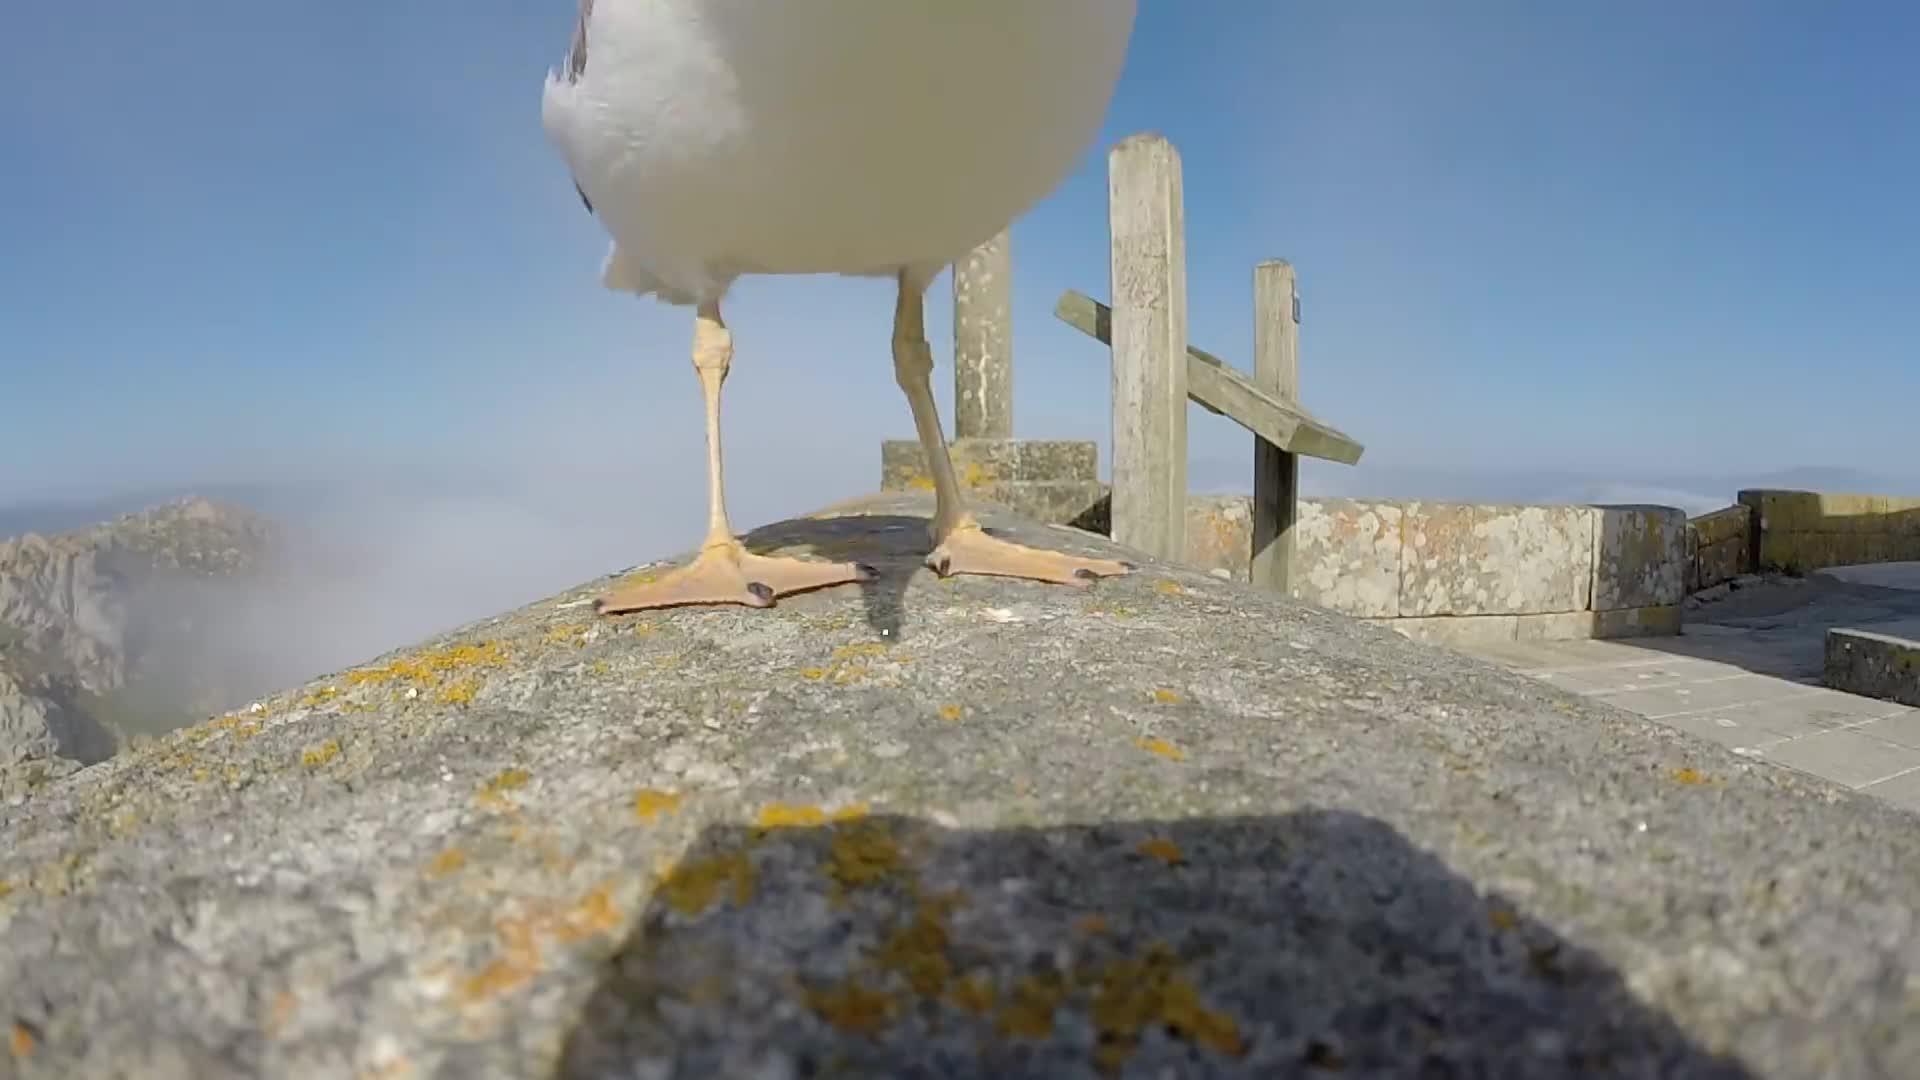 GoPro, HD Camera, Hero Camera, Hero2, Hero3, Hero3Plus, Hero4, rad, stoked, video, GoPro: Seagull Stole My GoPro GIFs